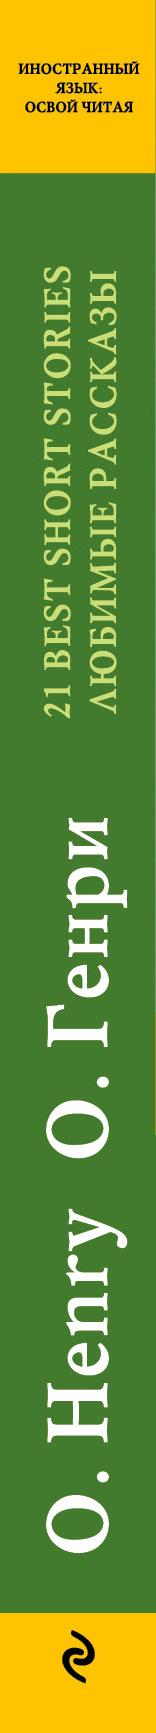 О. Генри. Любимые рассказы / О. Henry. 21 Best Short Stories. Метод комментированного чтения